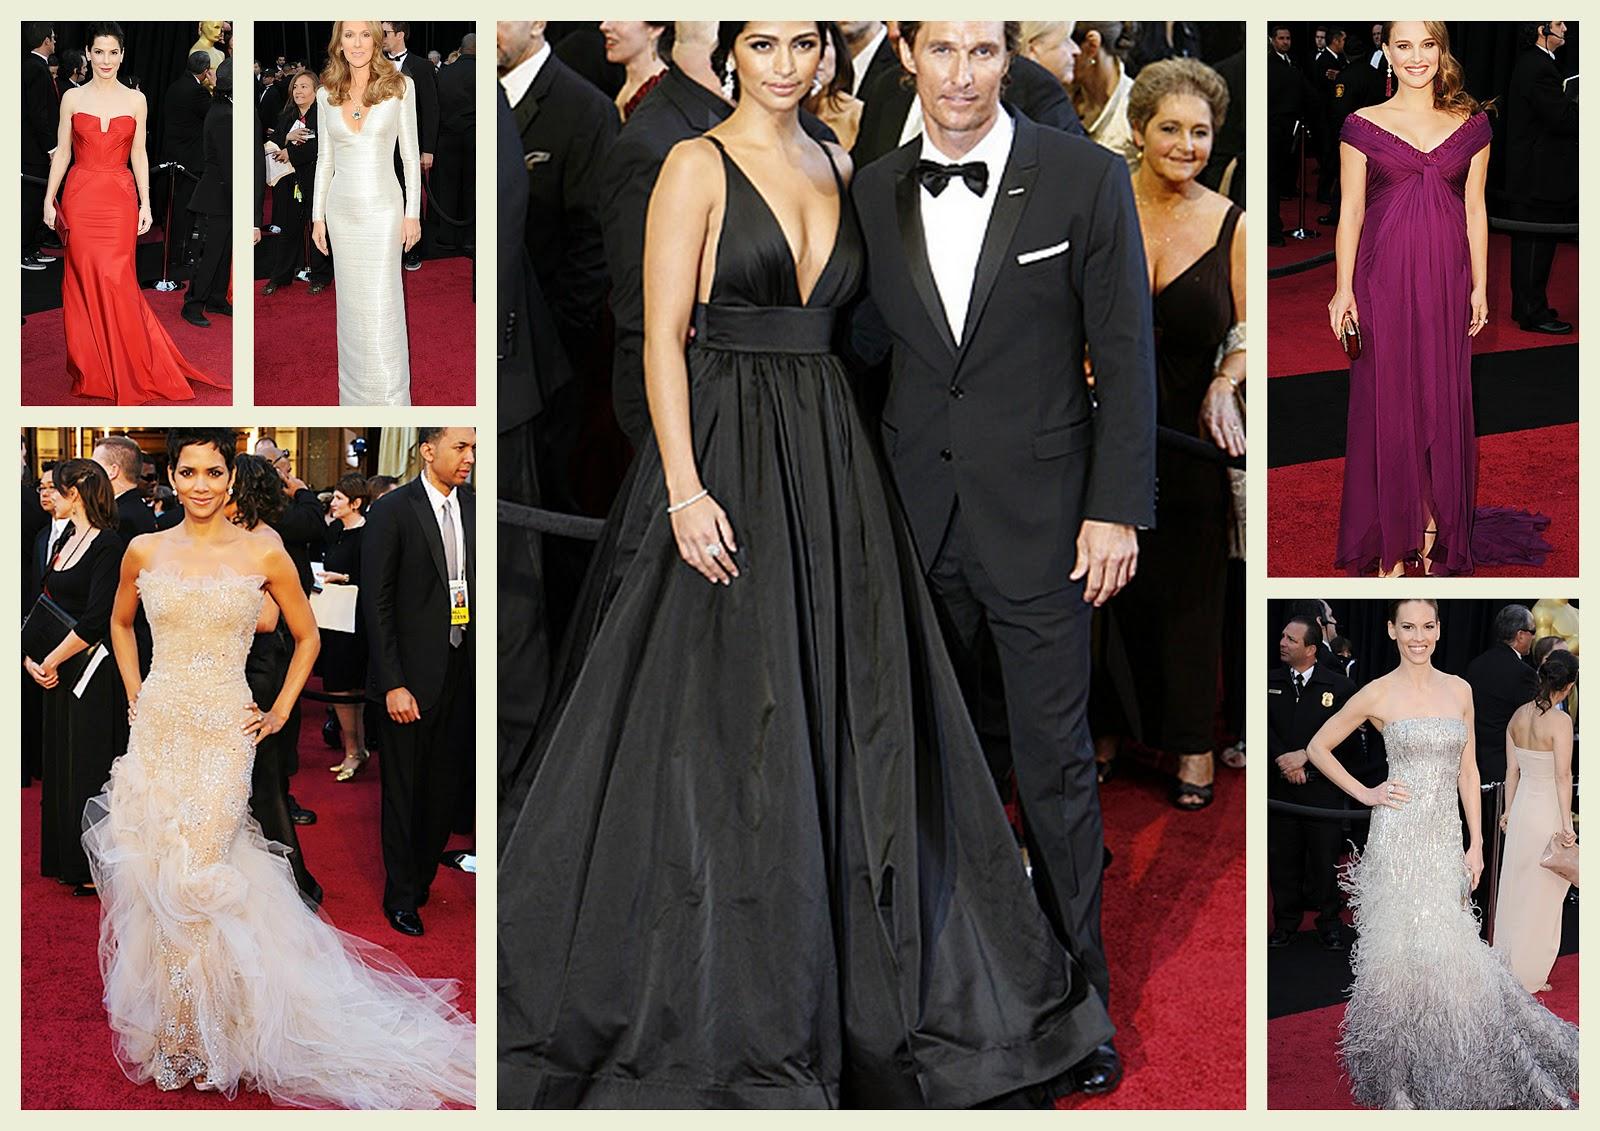 http://1.bp.blogspot.com/-ywKpqix8Xzk/T0l44vwrXEI/AAAAAAAAAC0/OWf5Tp_kBa0/s1600/Oscars%2B20111.jpg